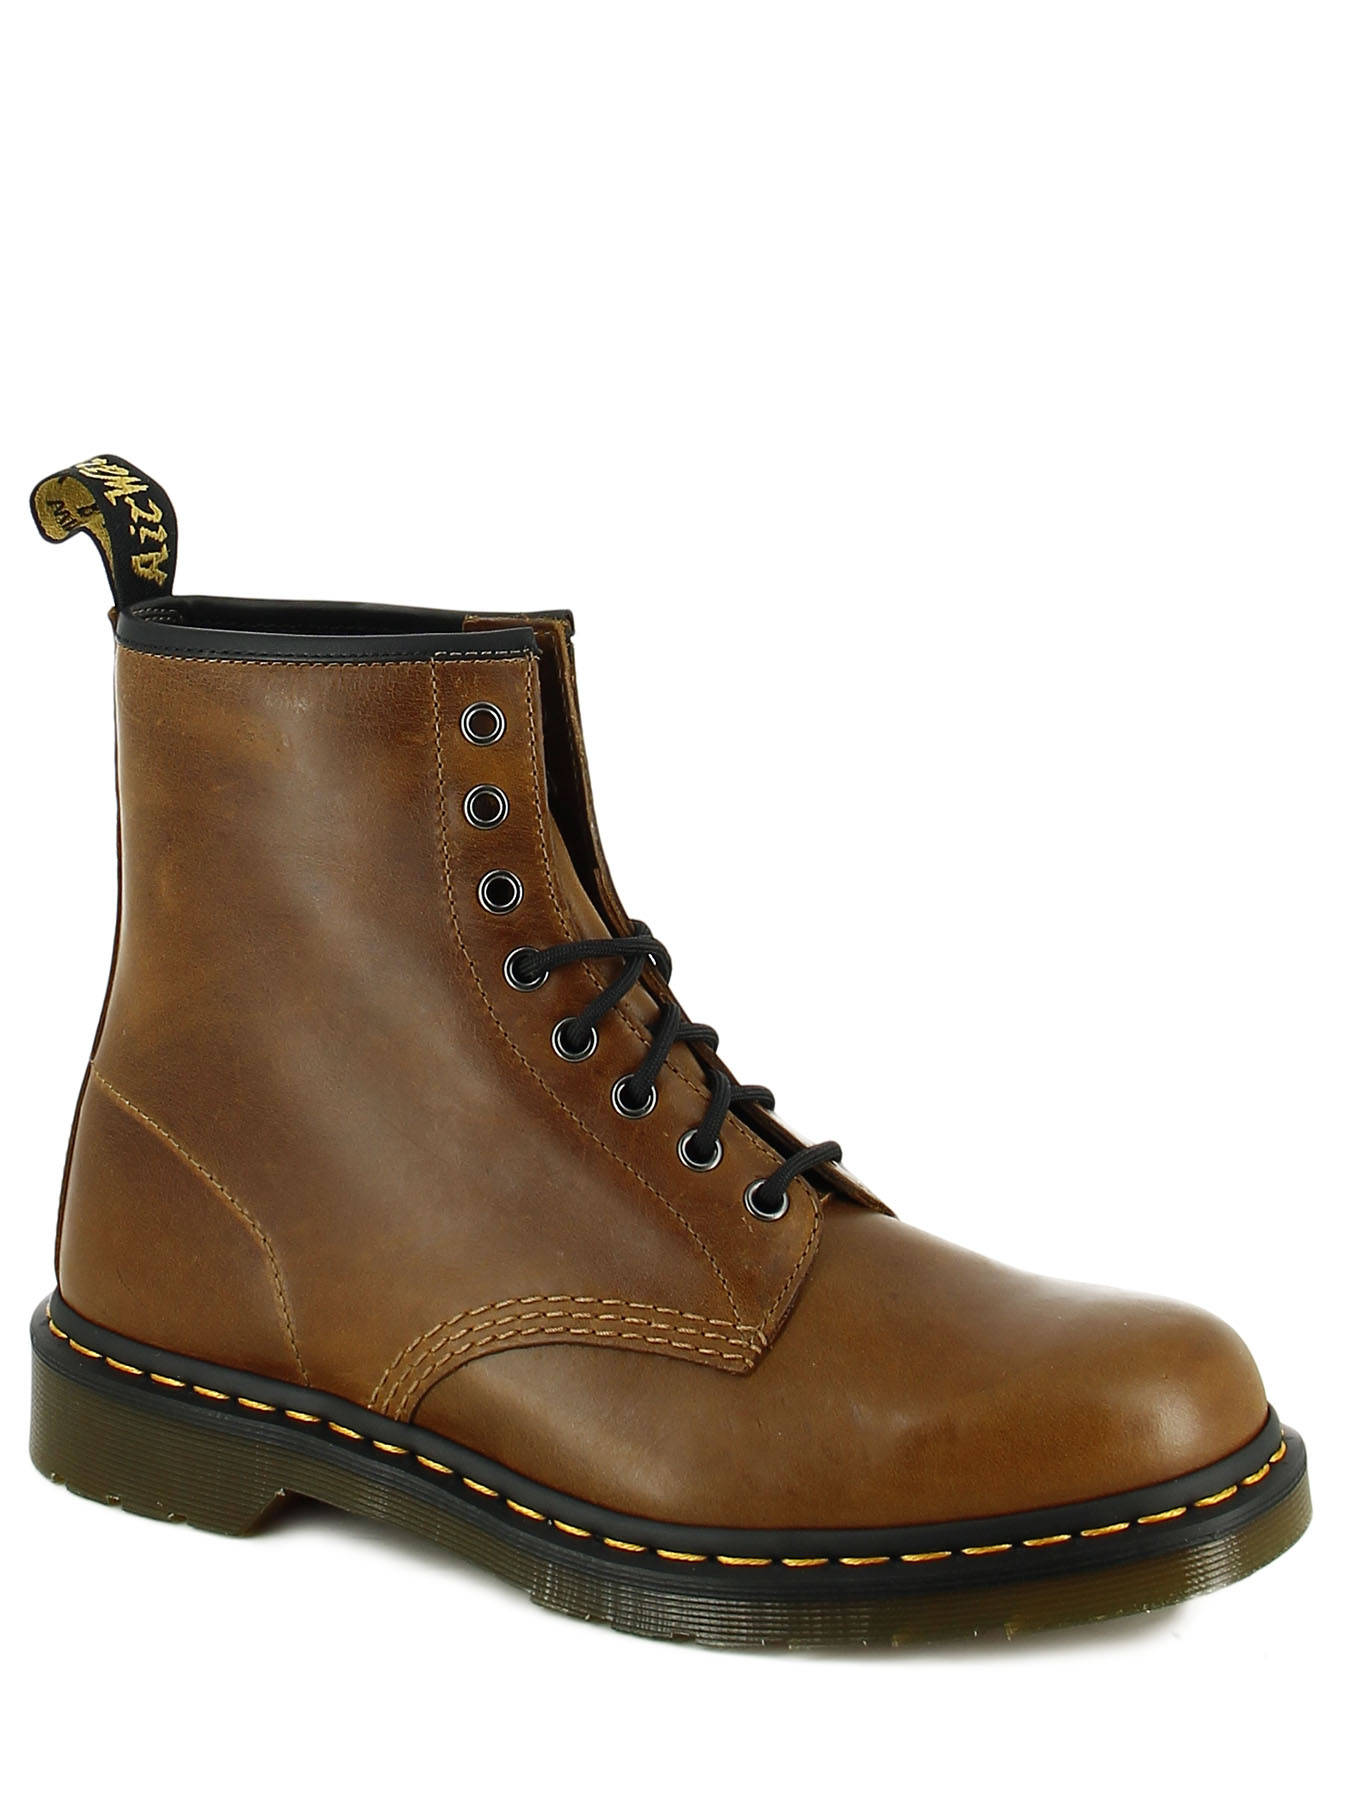 meilleur prix en Dr butter au CORE Martens Boots 1460 B vente DH29EIW